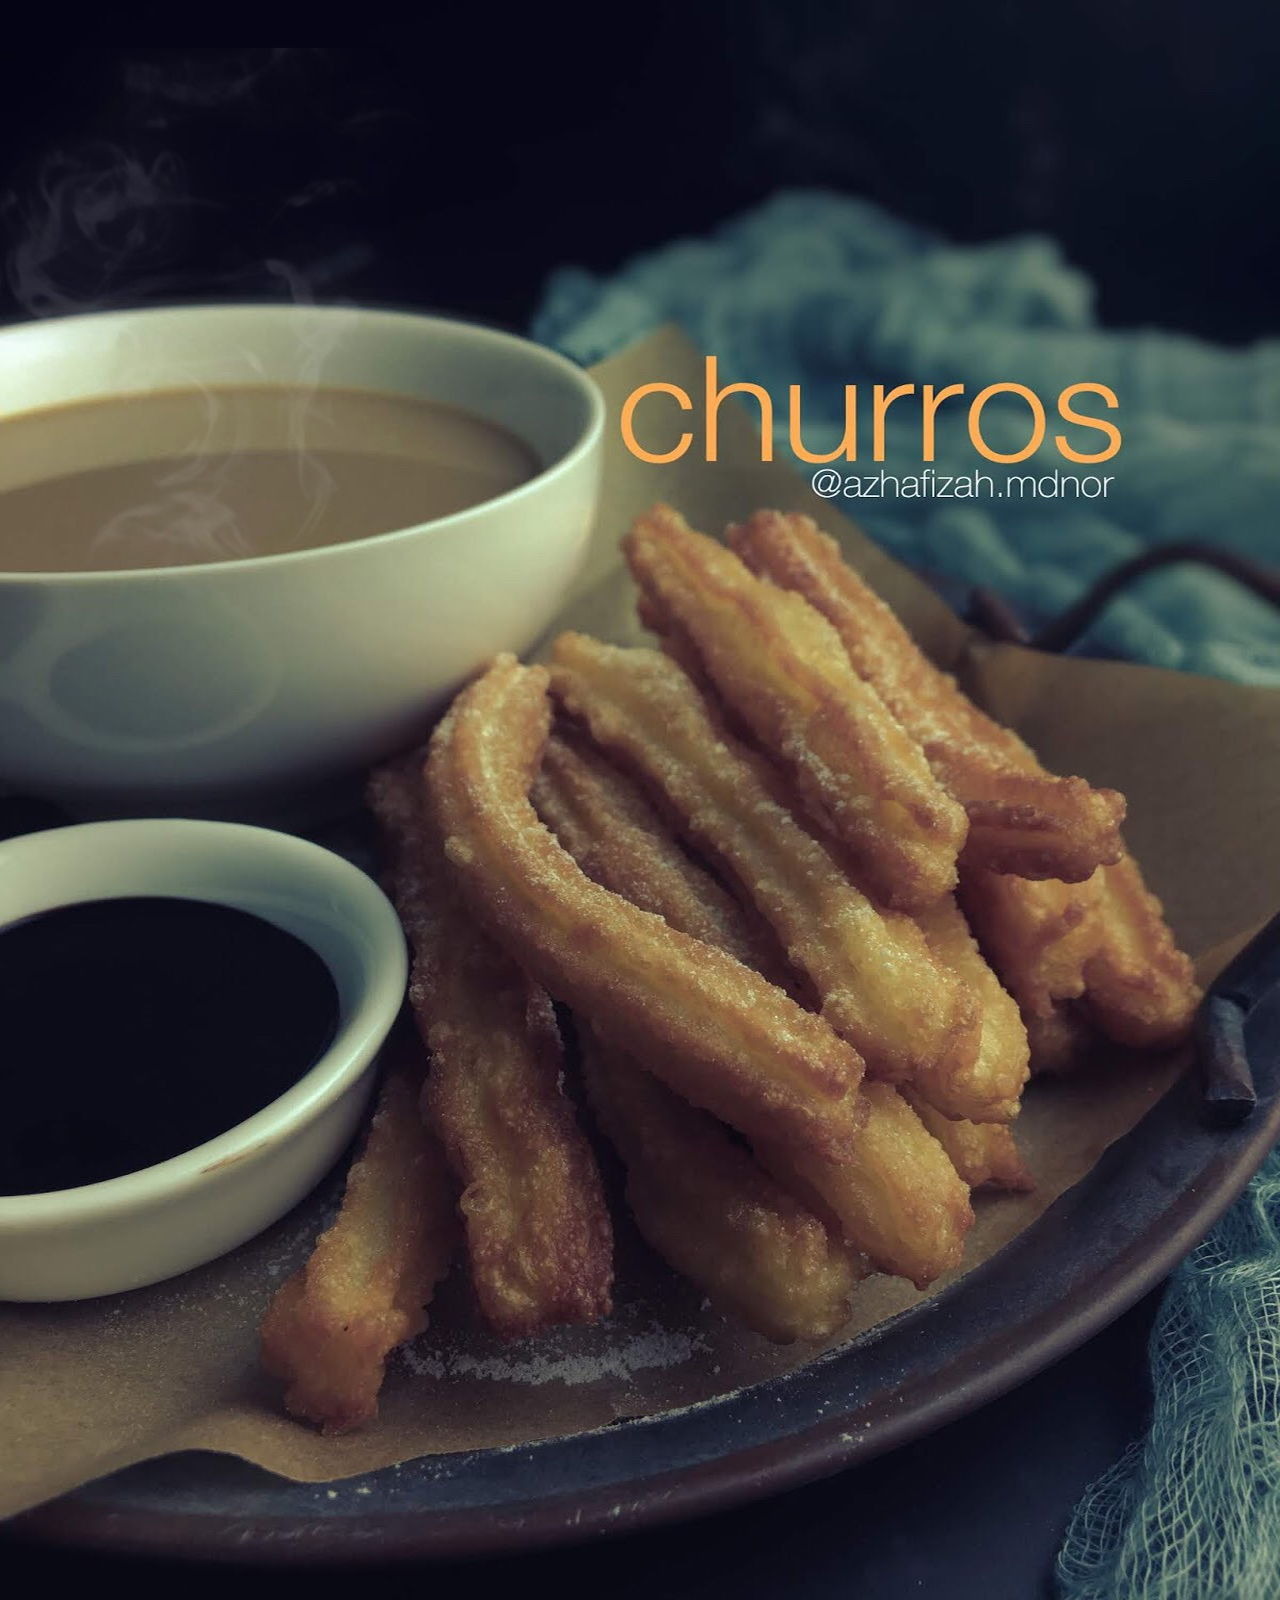 Churros Rangup